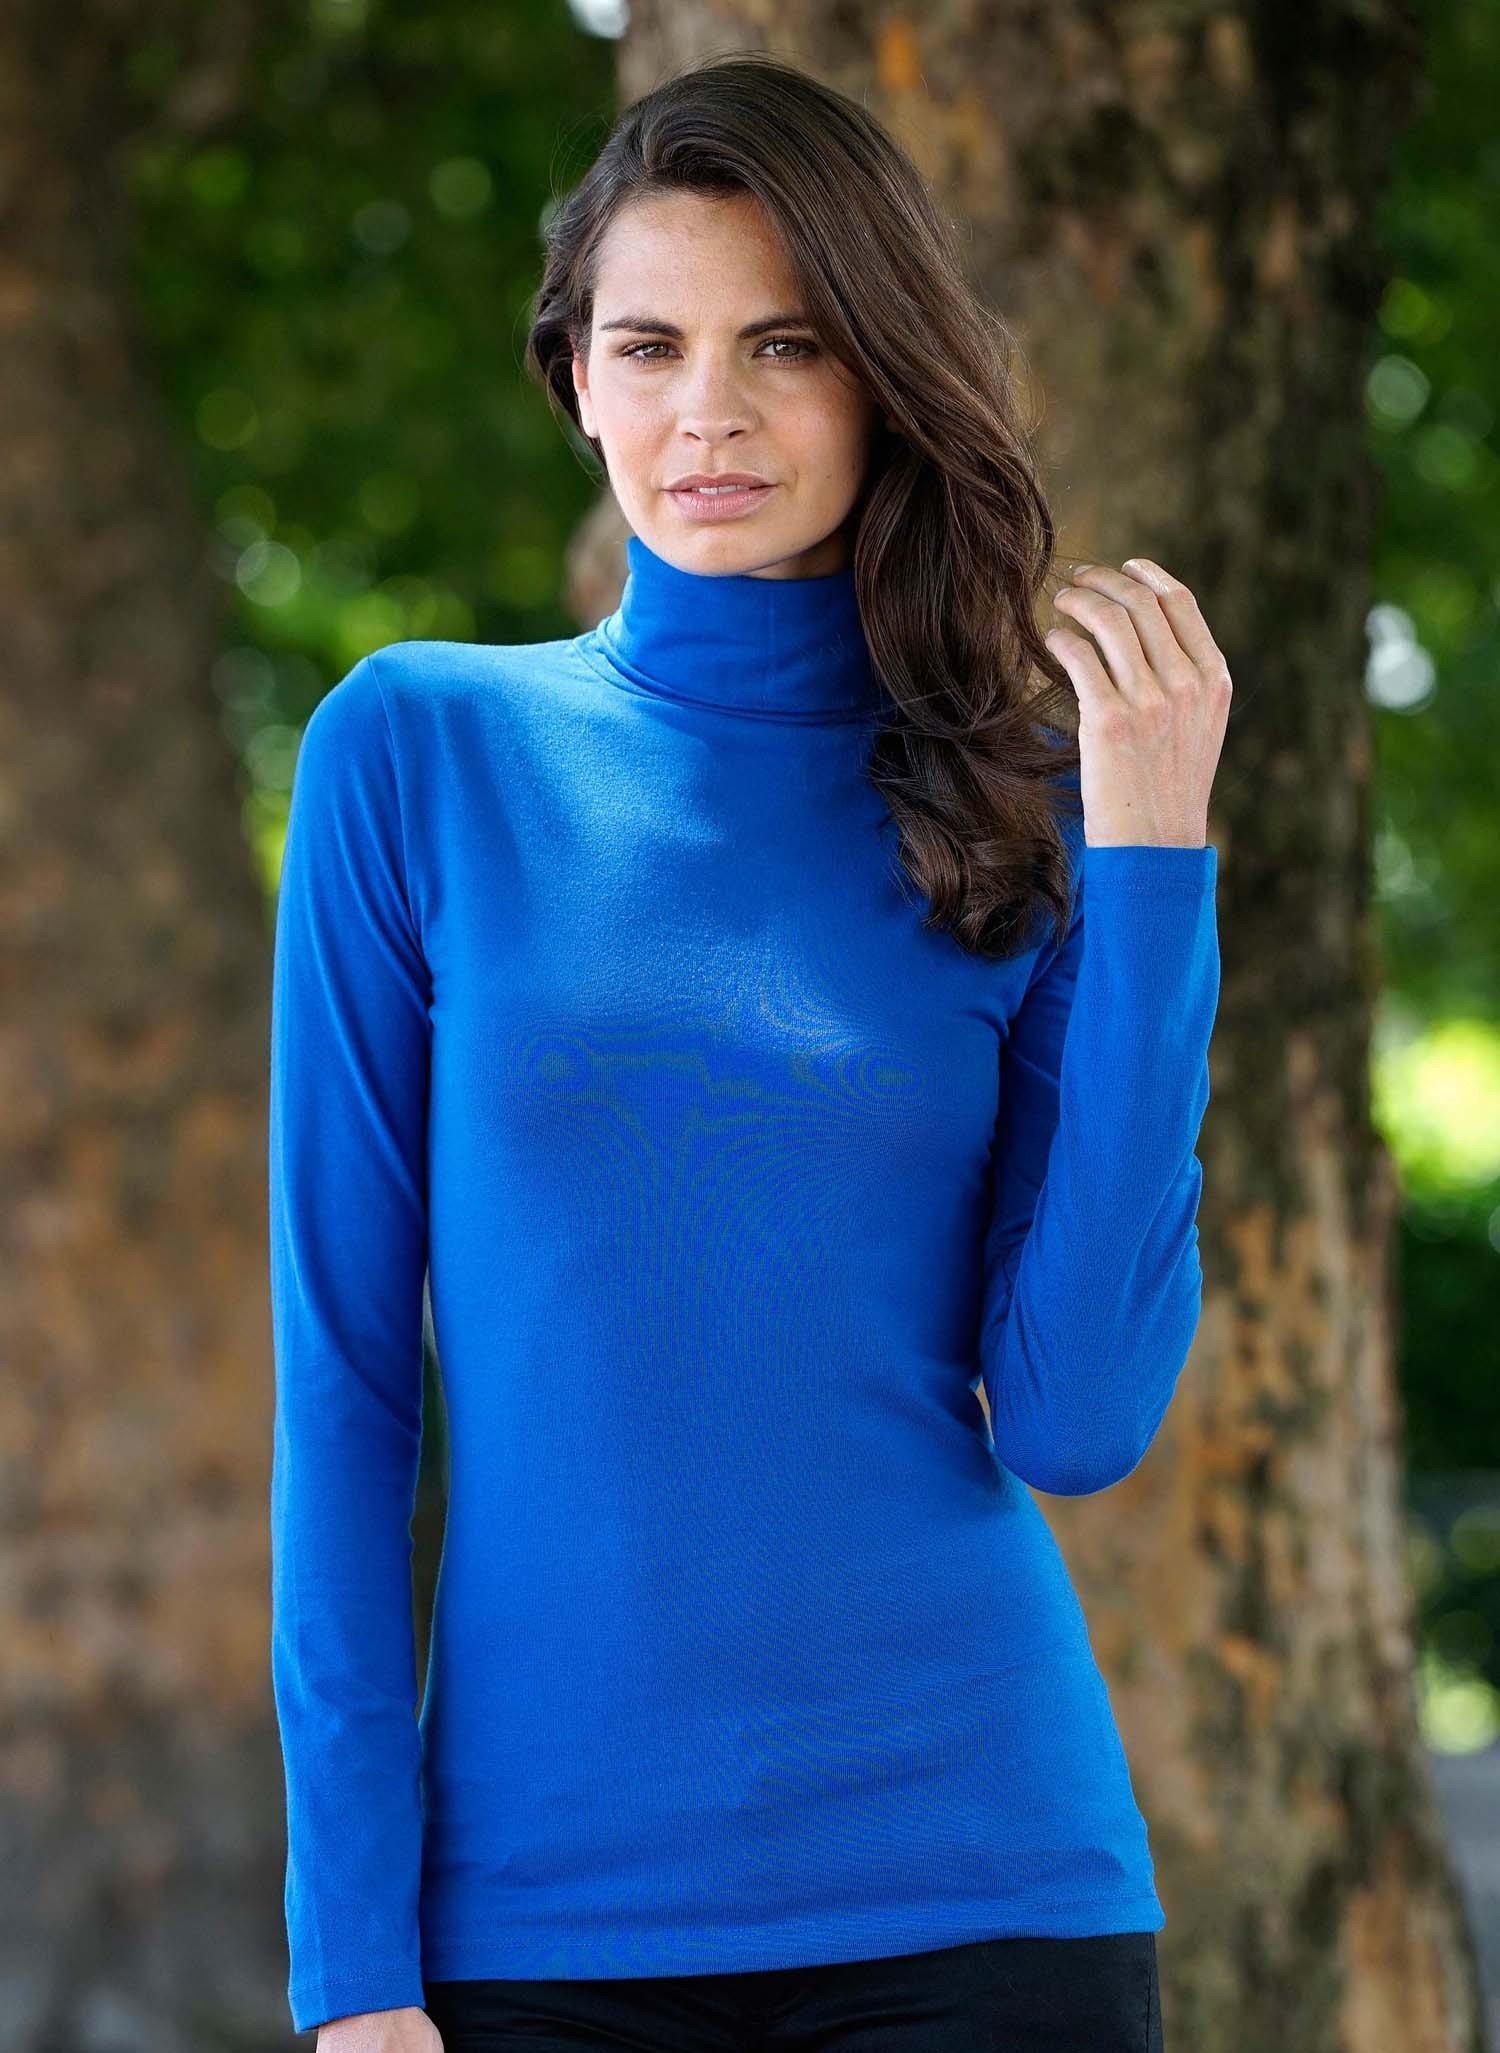 D-LA-Rolli-Shirt,uni k'blau L 052 - 1 - Ronja.ch